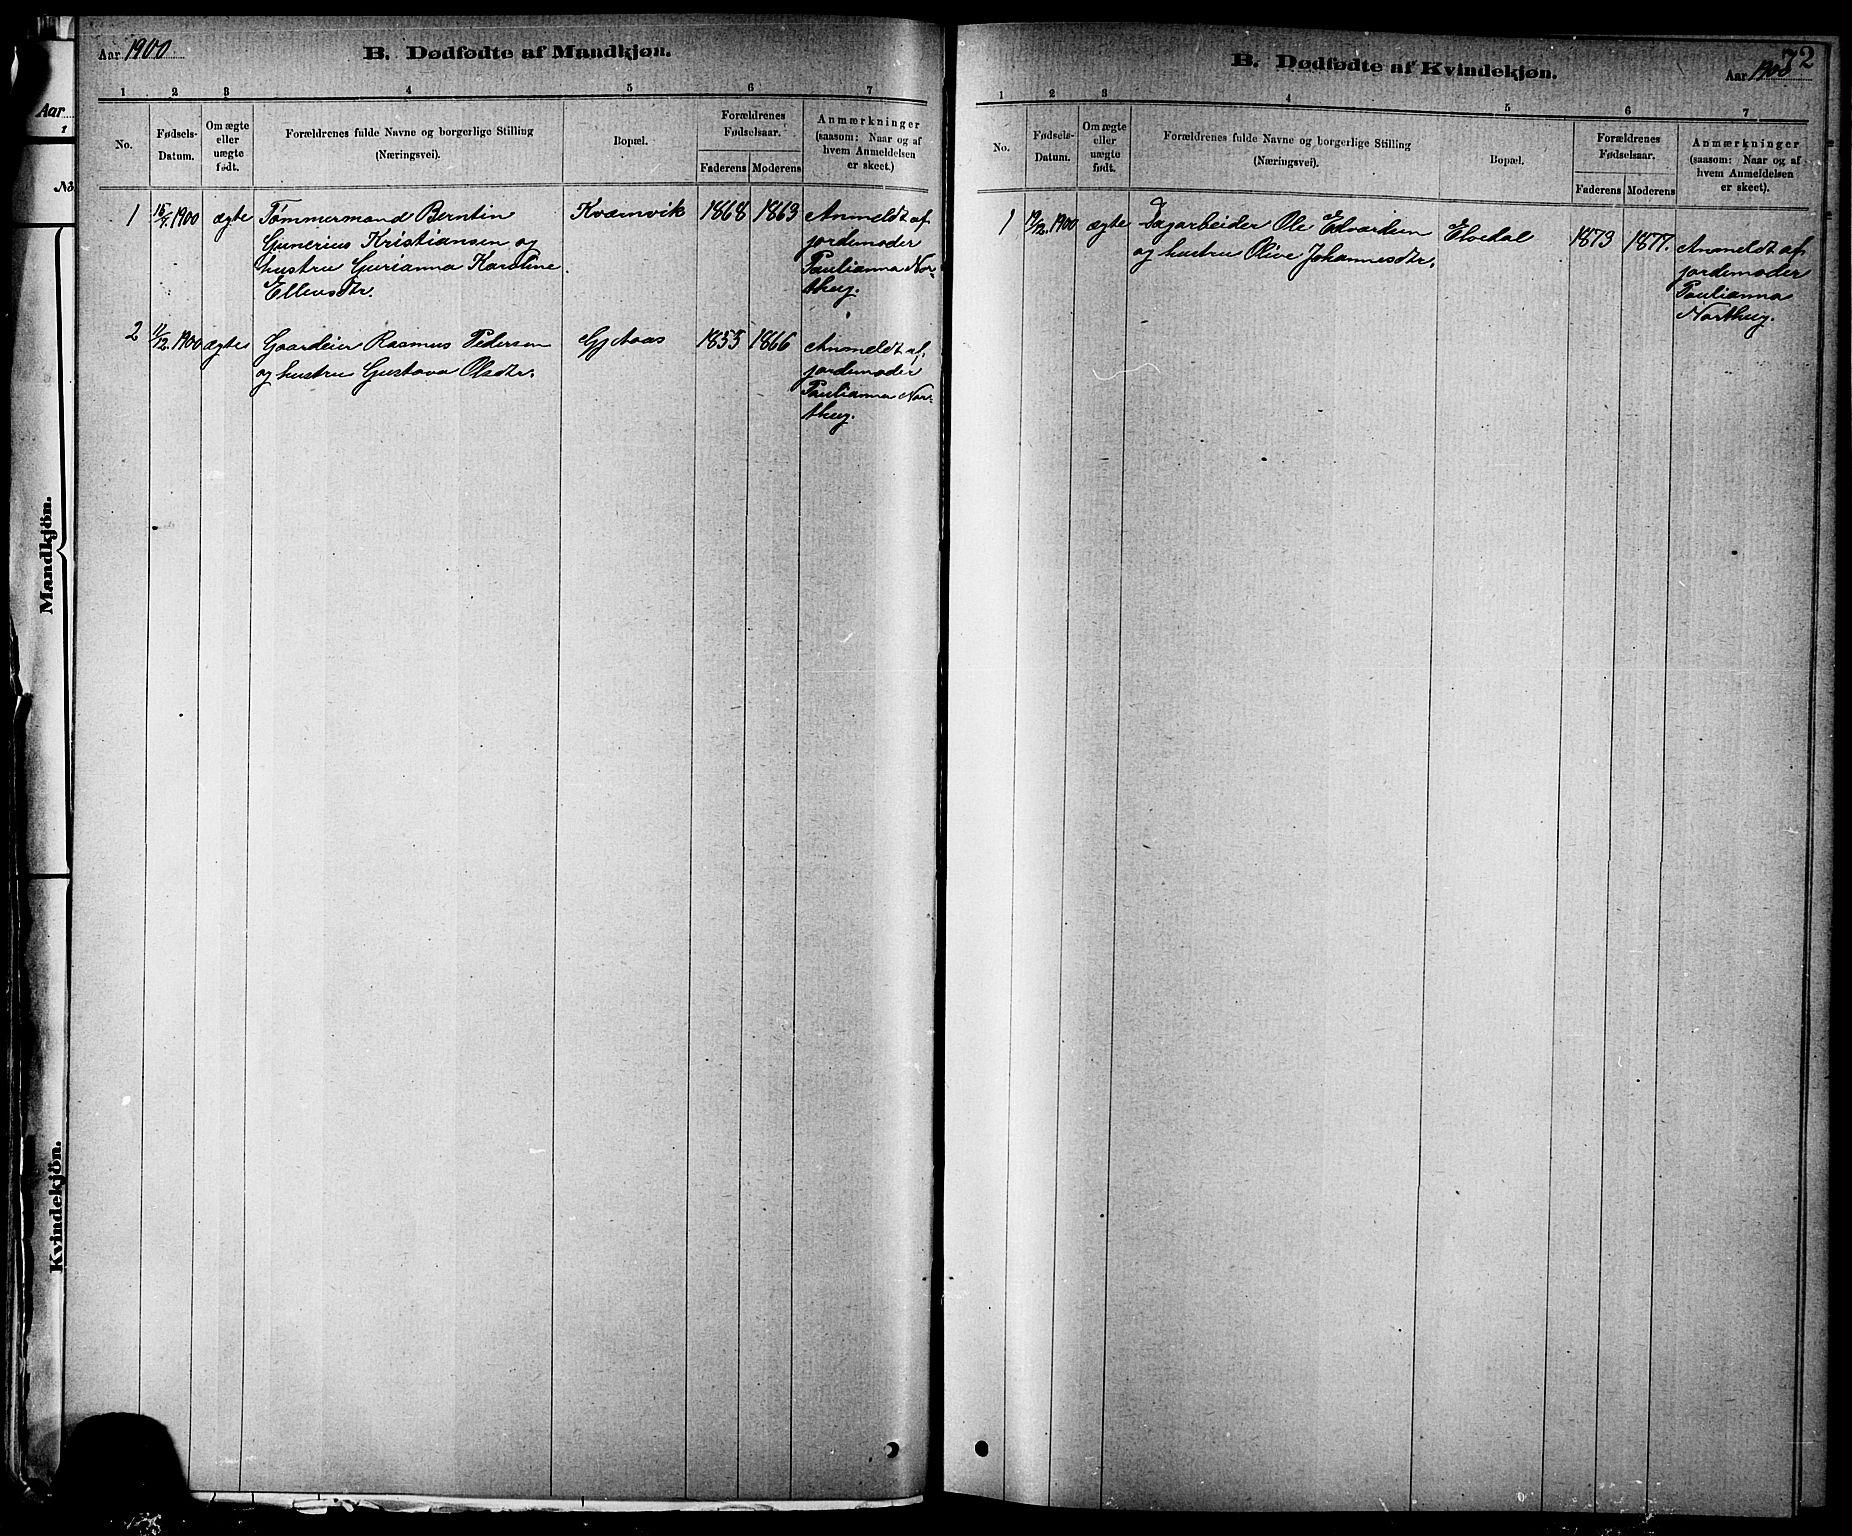 SAT, Ministerialprotokoller, klokkerbøker og fødselsregistre - Nord-Trøndelag, 744/L0423: Klokkerbok nr. 744C02, 1886-1905, s. 72